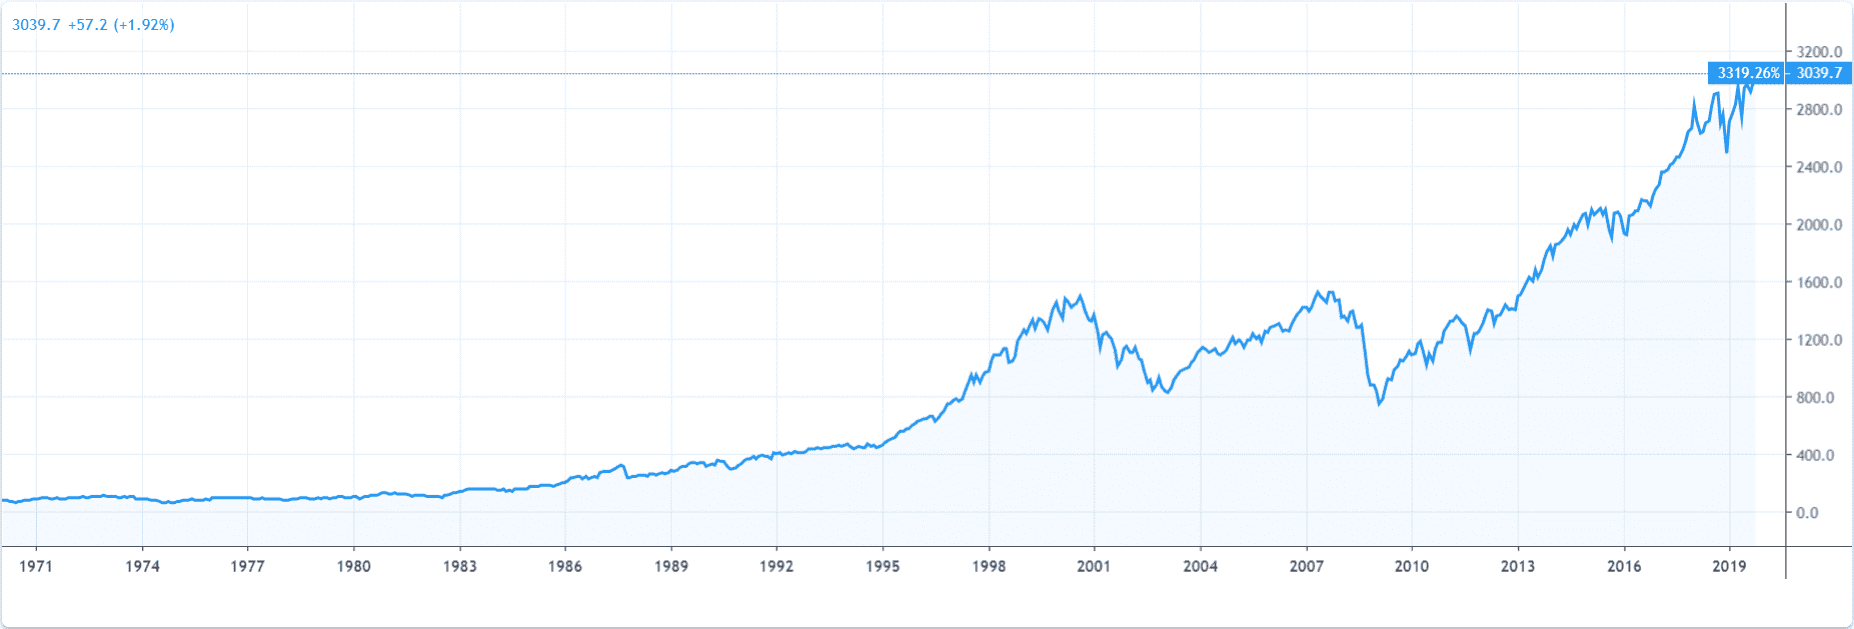 График Index S&P 500